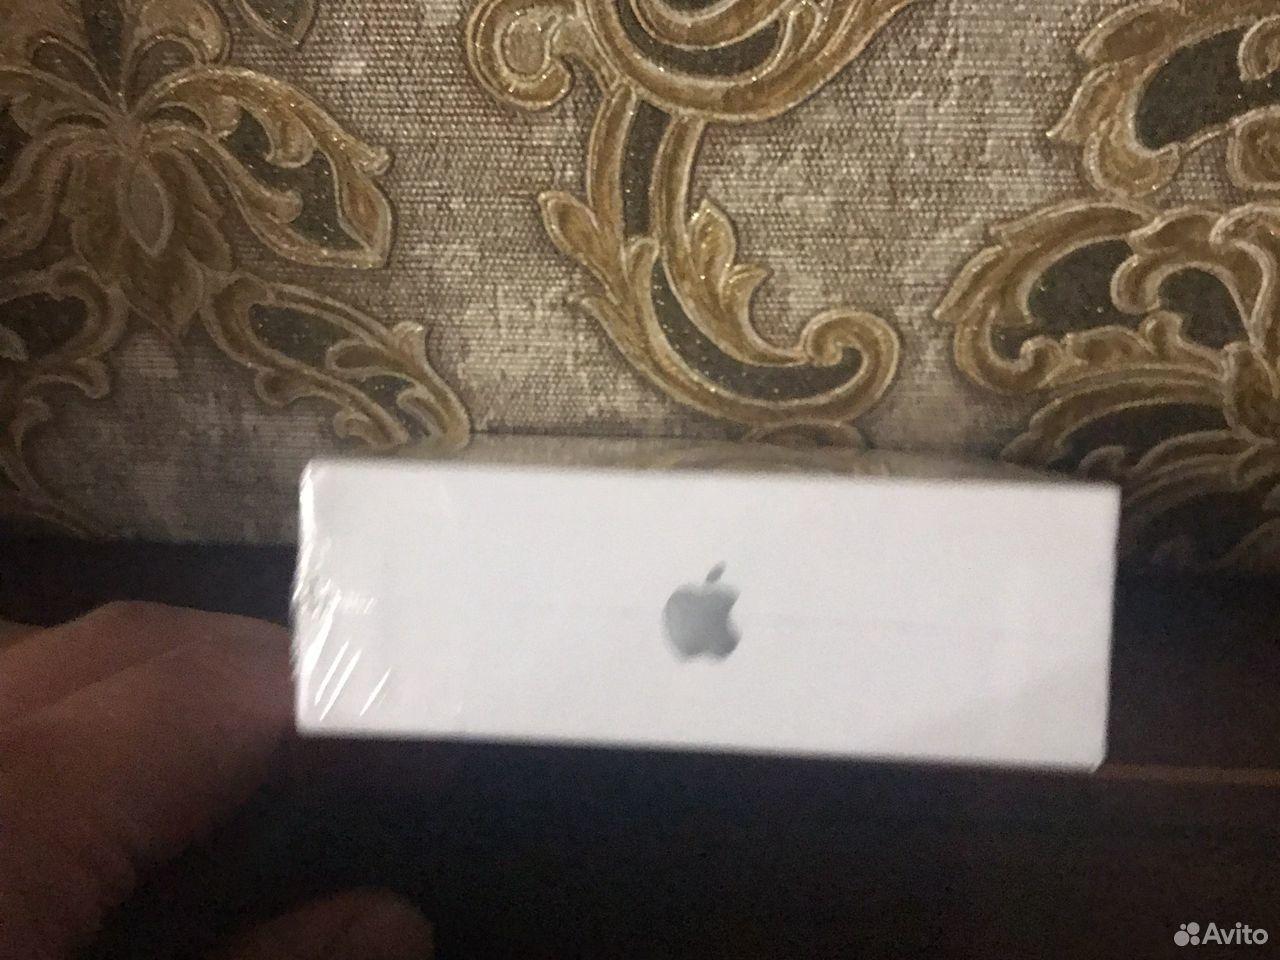 Наушники Apple AirPods 2 с беспроводной зарядкой  89869796692 купить 3